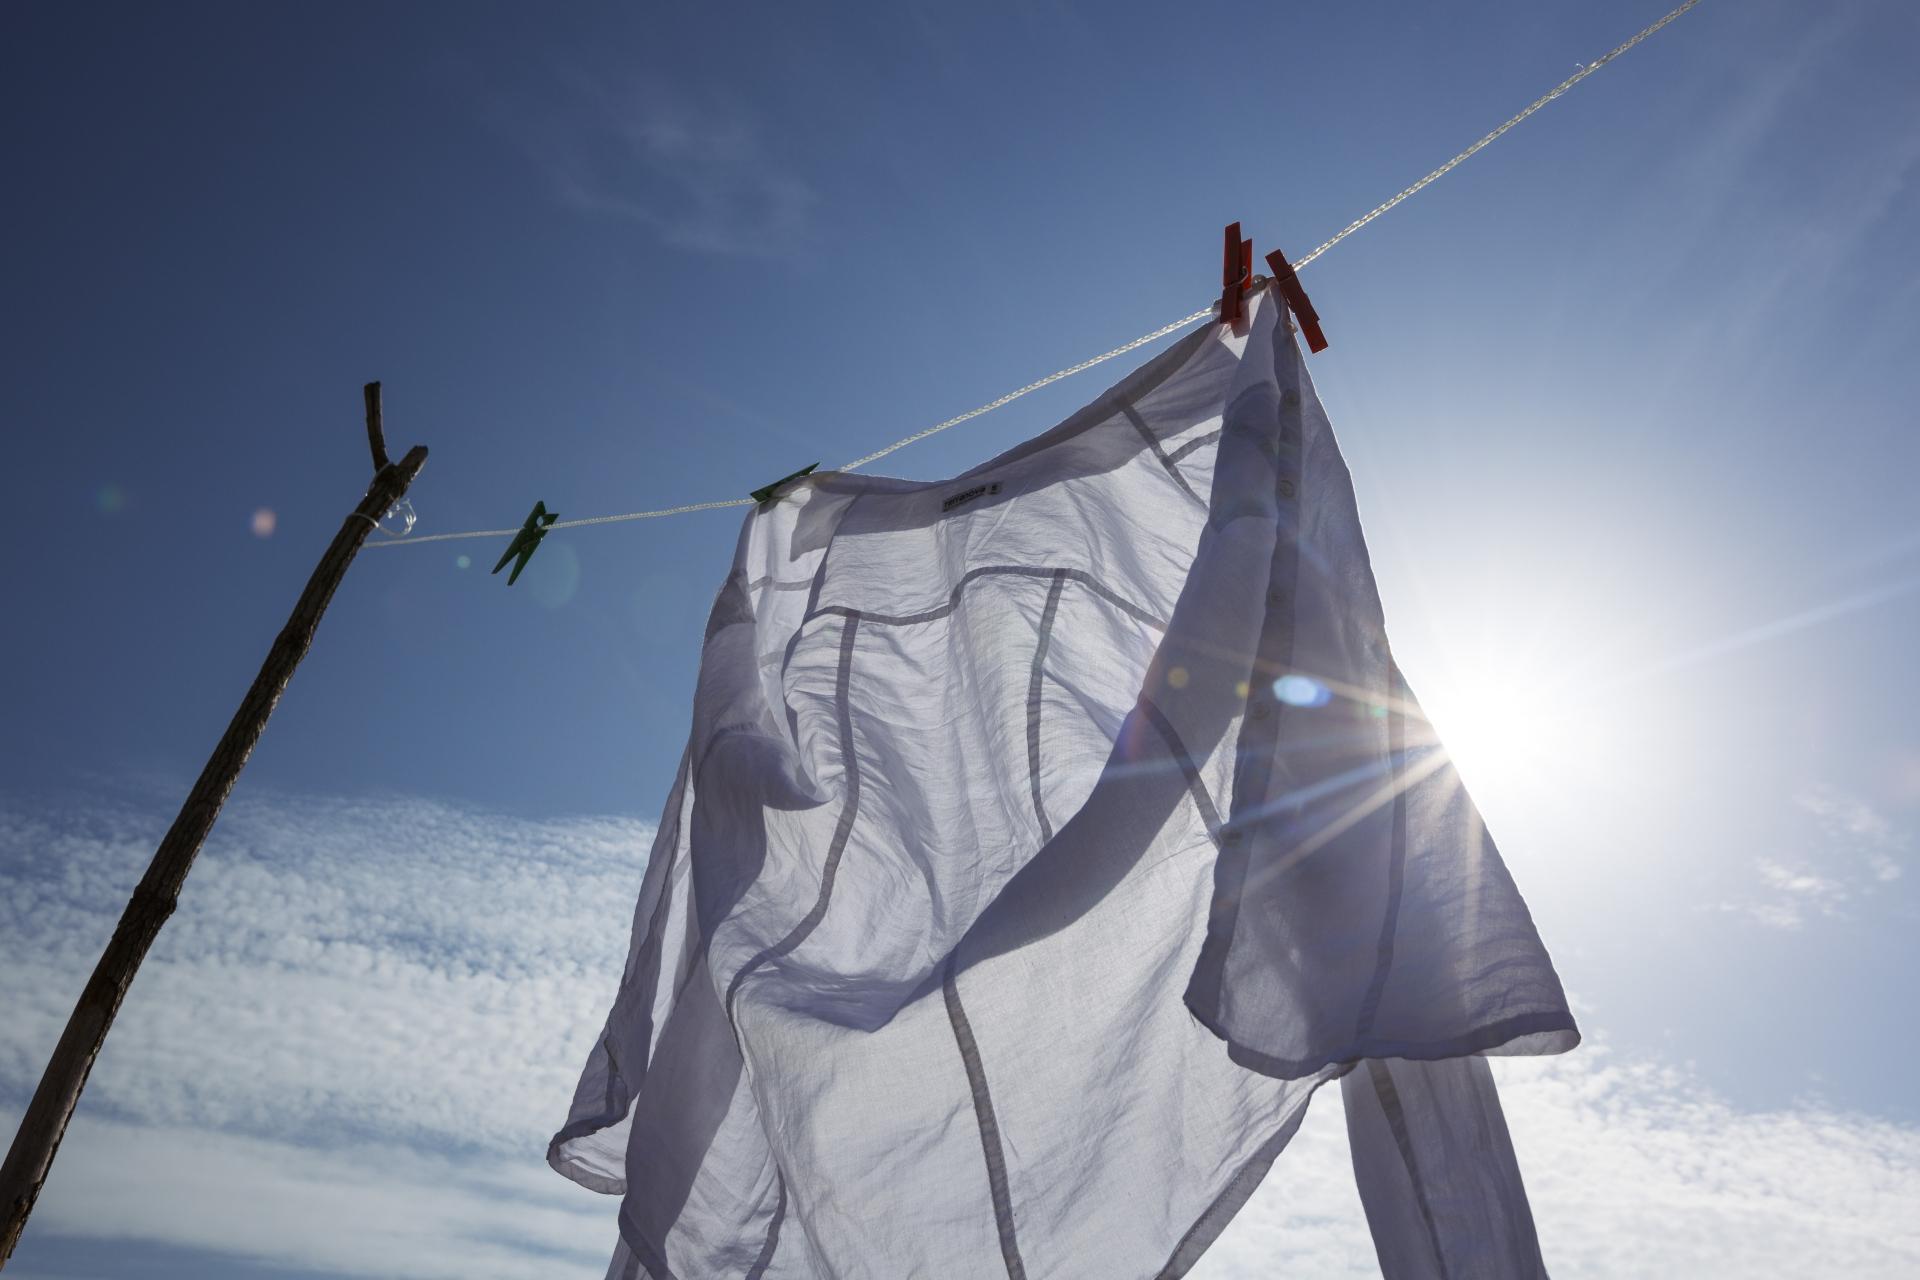 アメリカの洗濯あるある☆日本と海外の習慣の違い